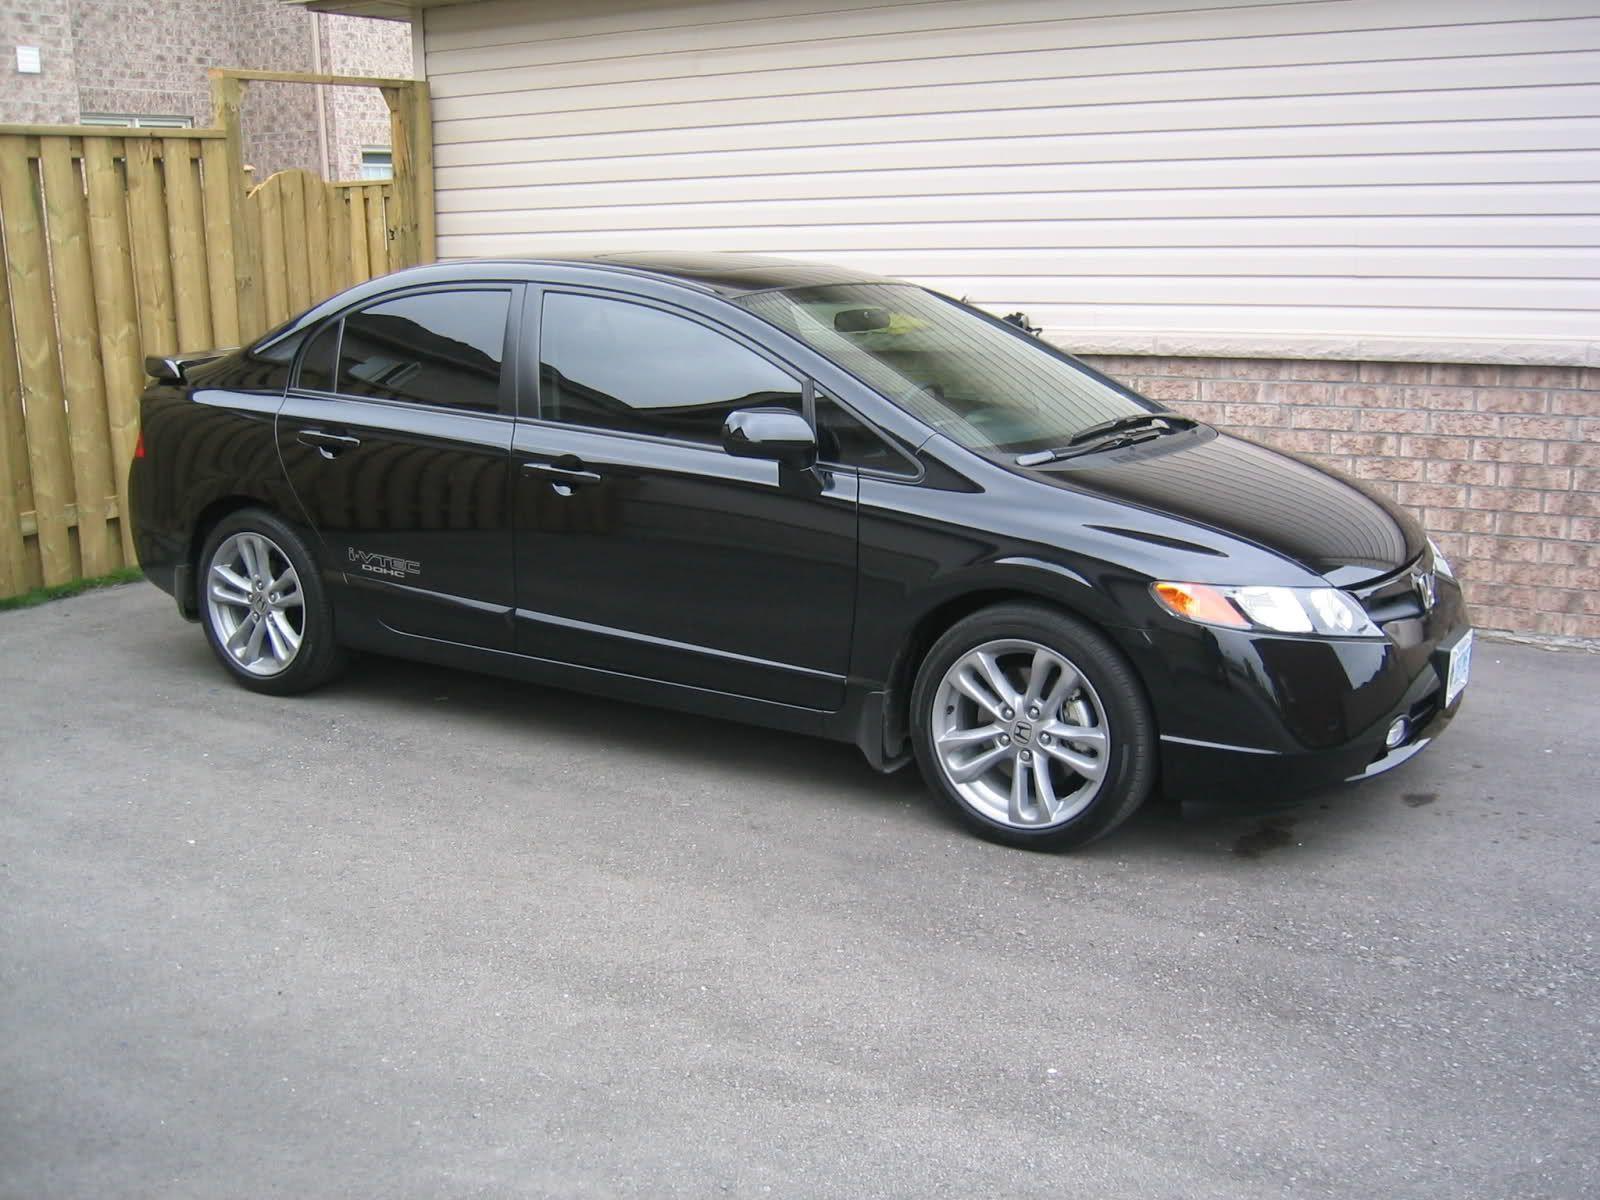 Black Honda Civic Si Sedan Black Honda Civic Black Honda Honda Civic Si